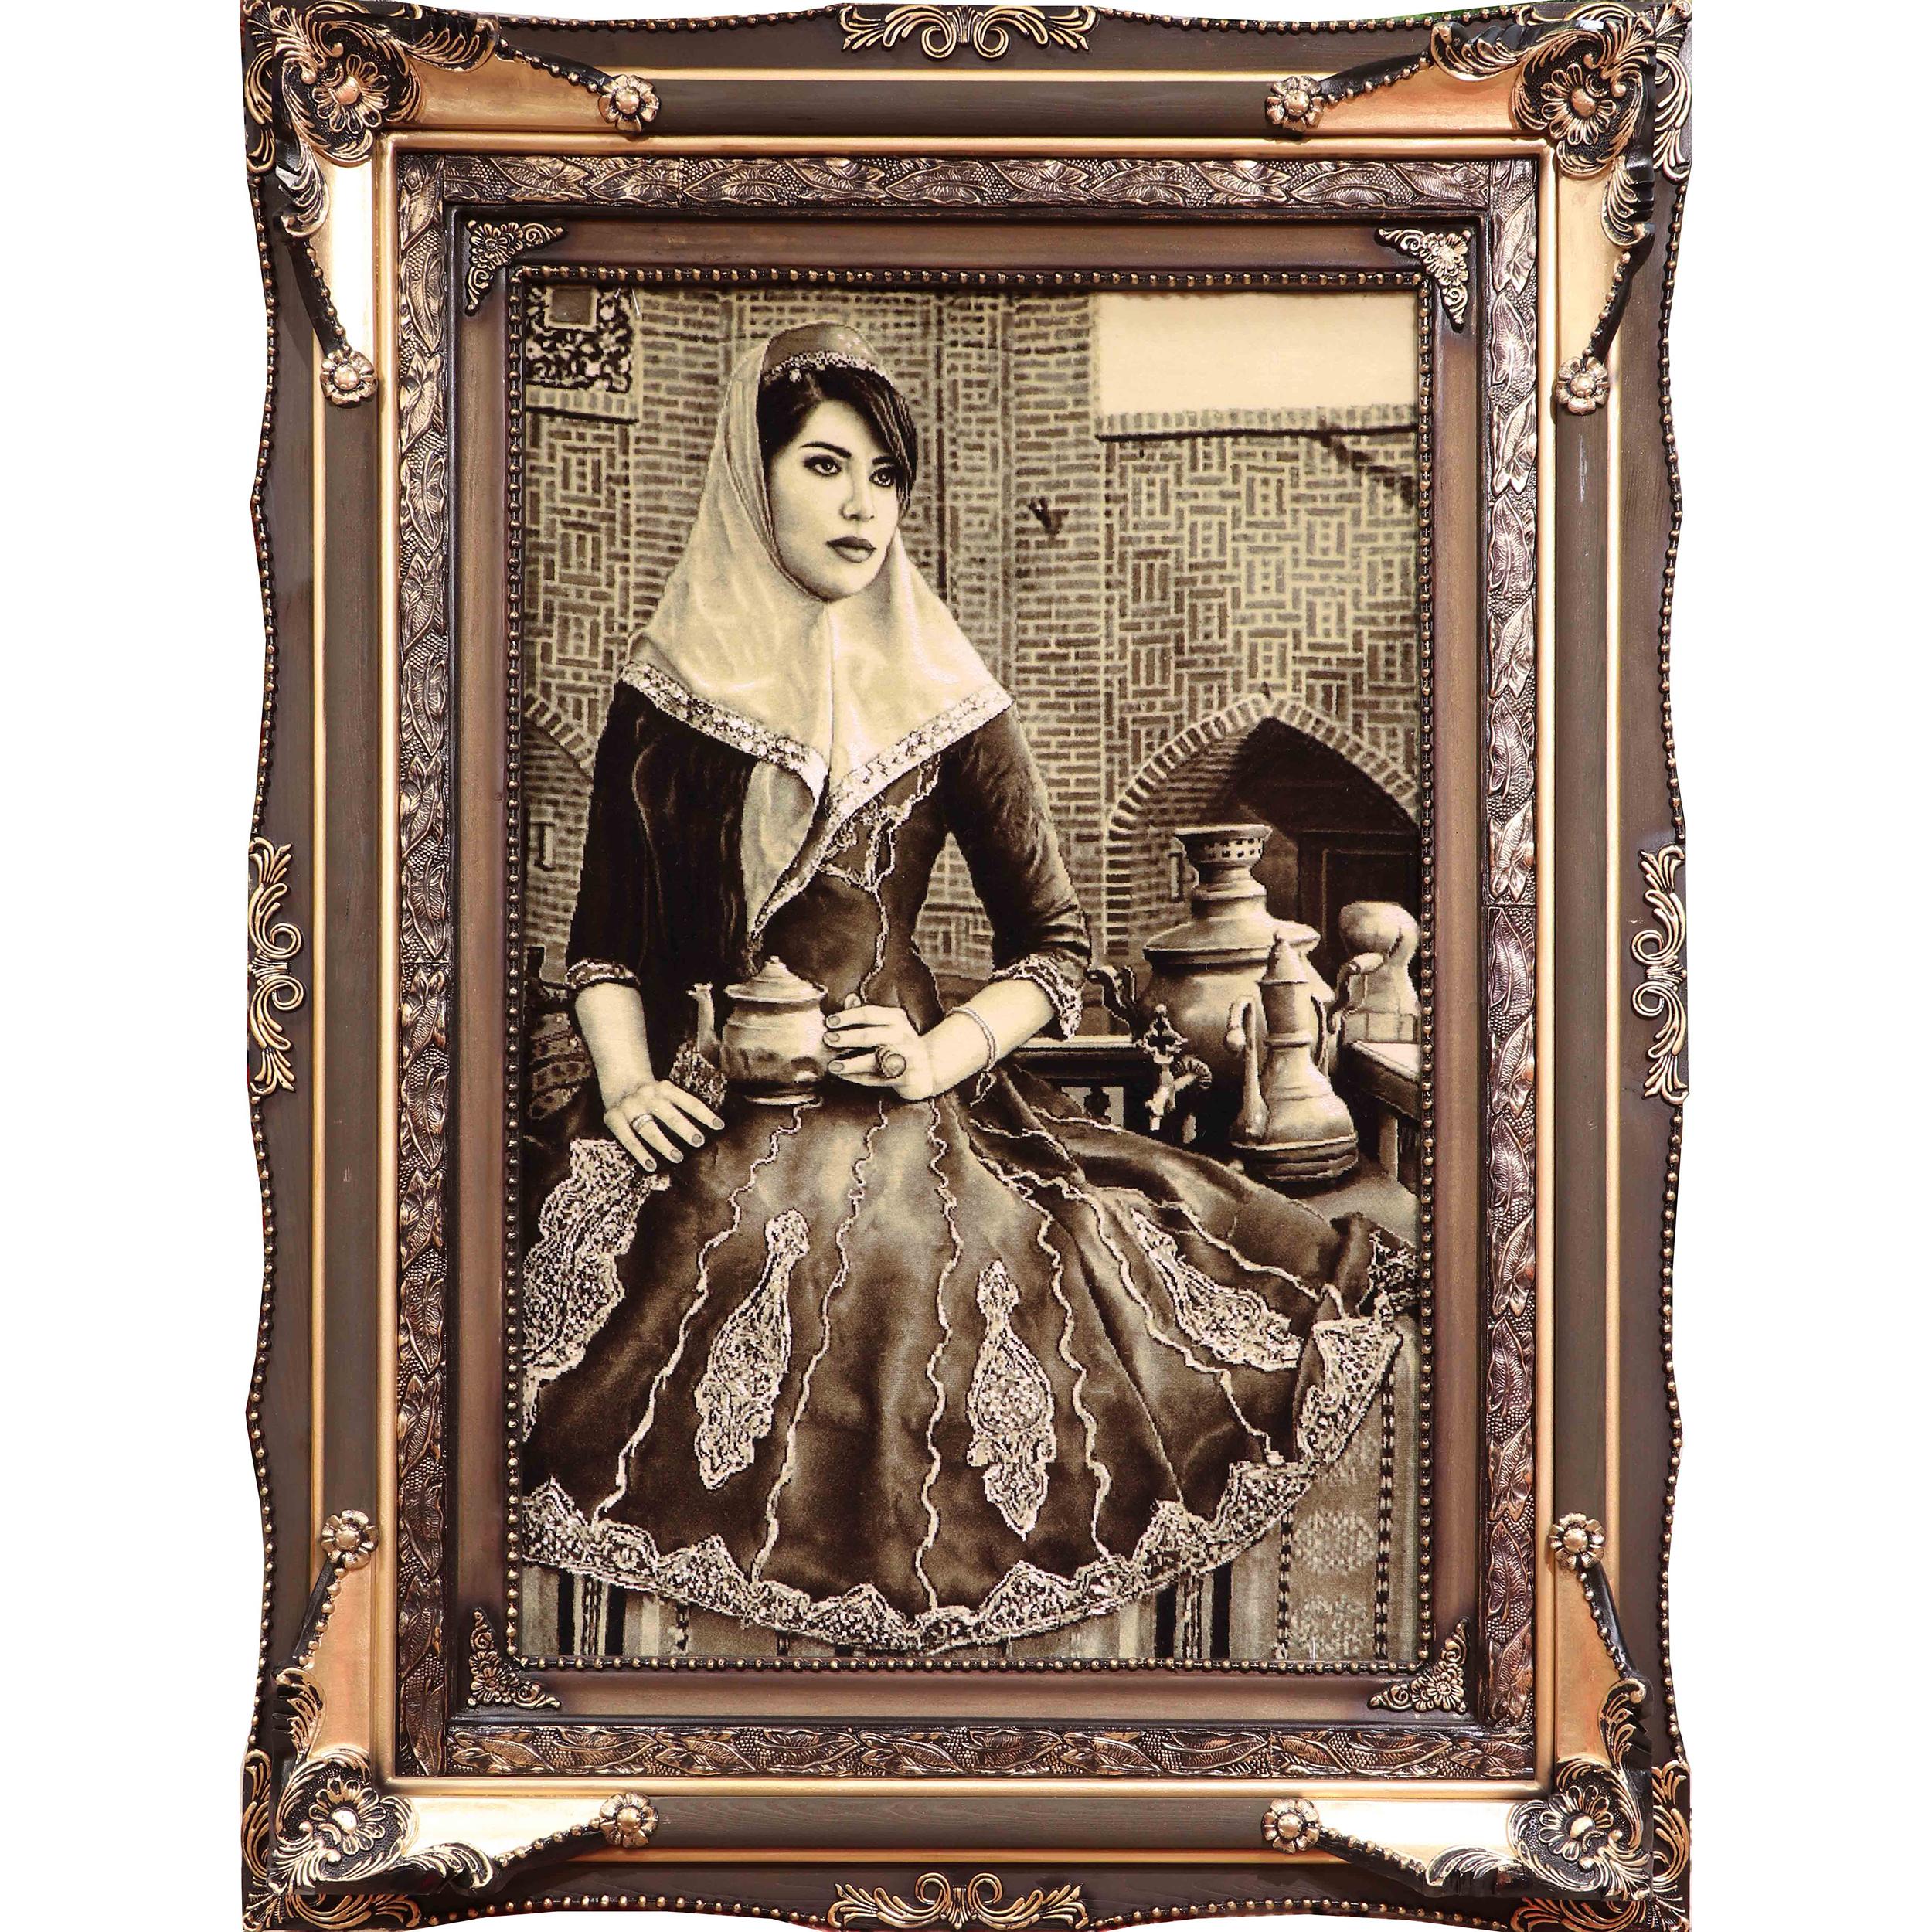 تابلوفرش دستبافت آنافرش طرح دختر قاجار کد 11384